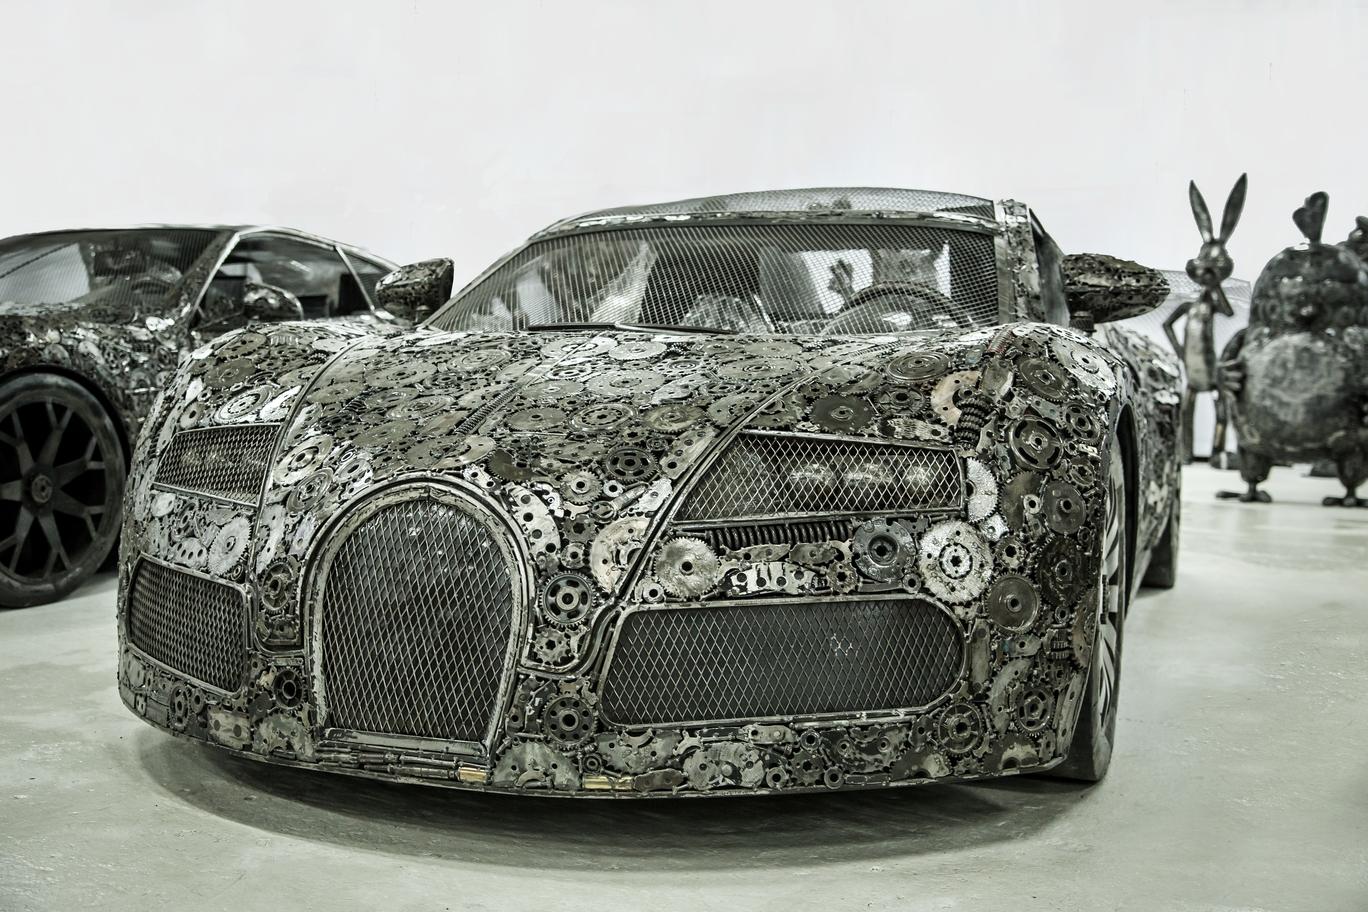 Scrap Bugatti Veyron.